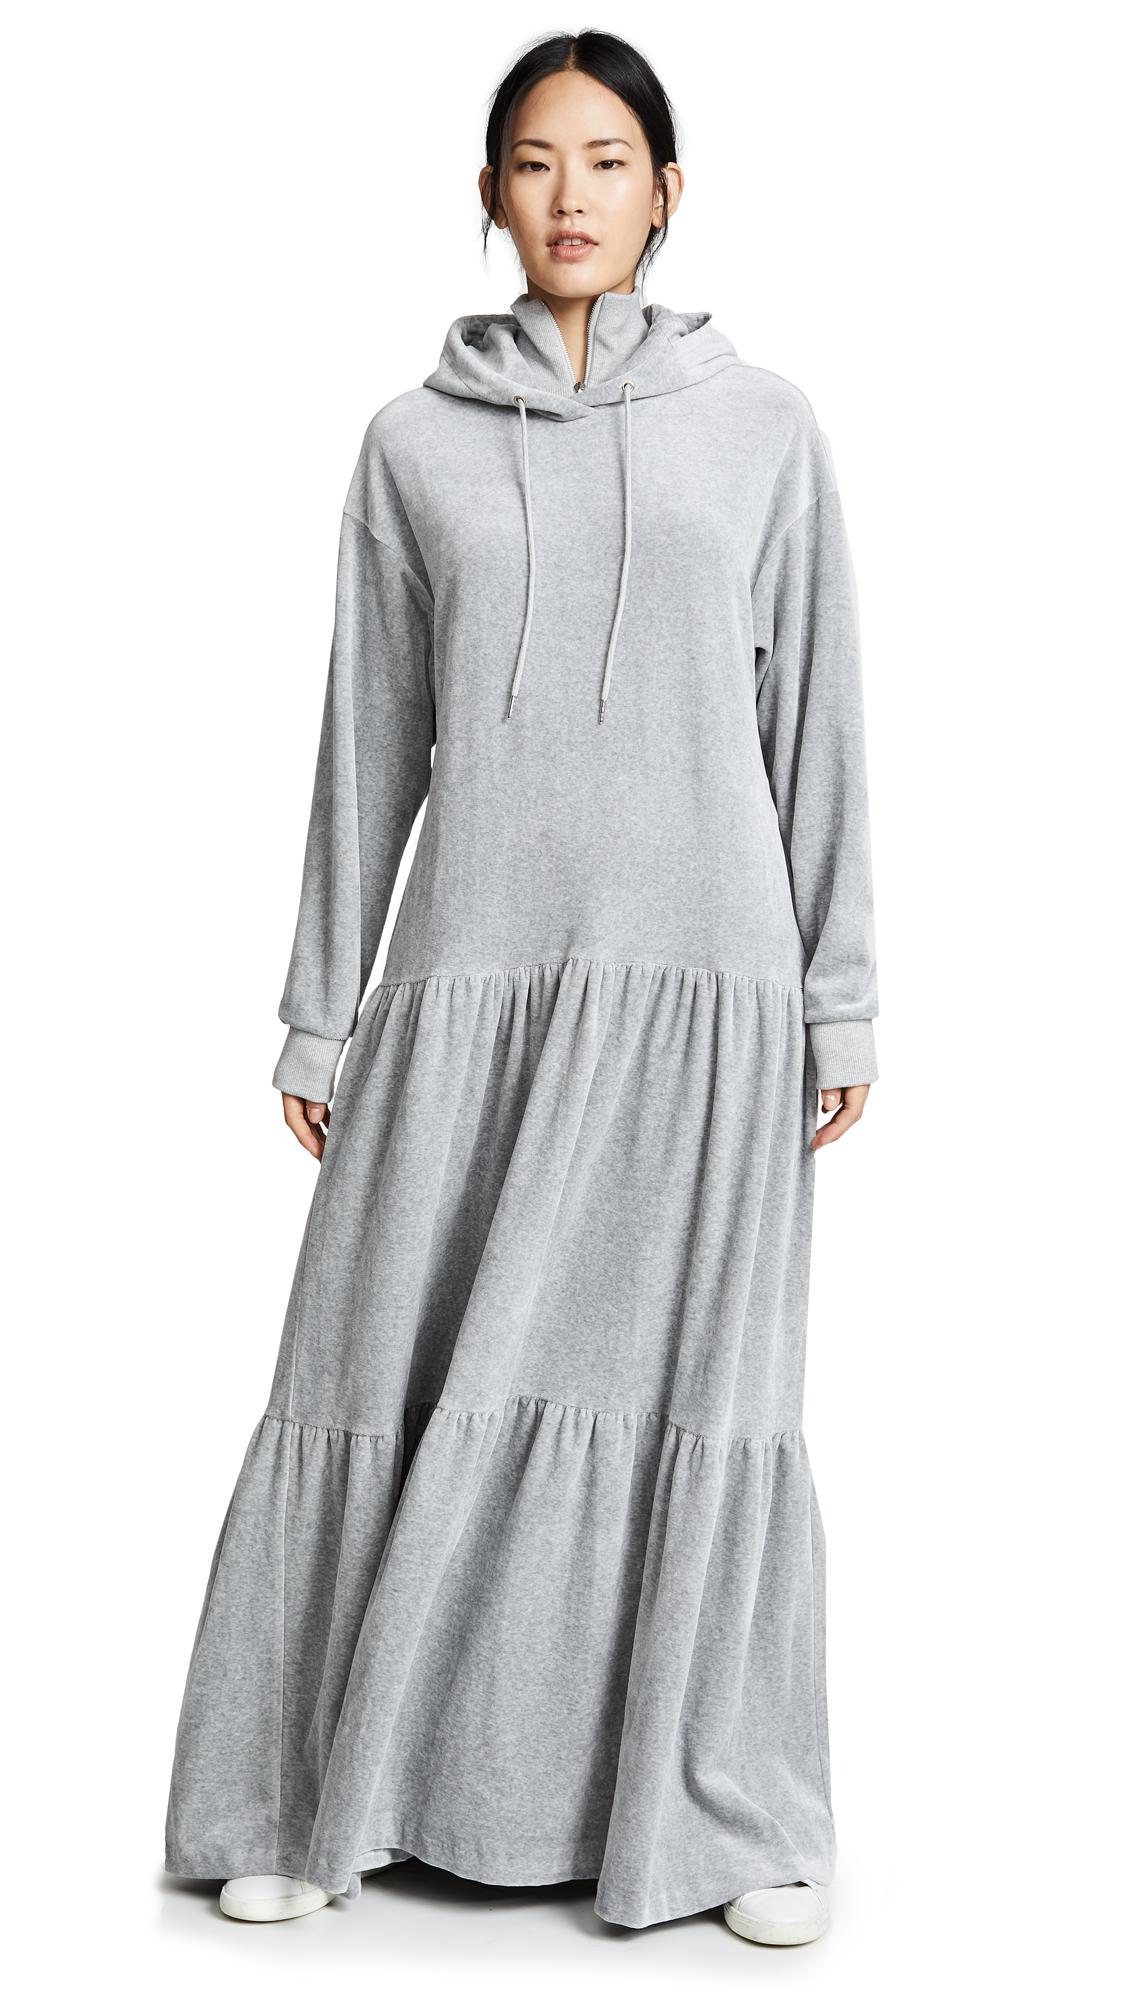 GOEN.J Hoodie Dress In Grey